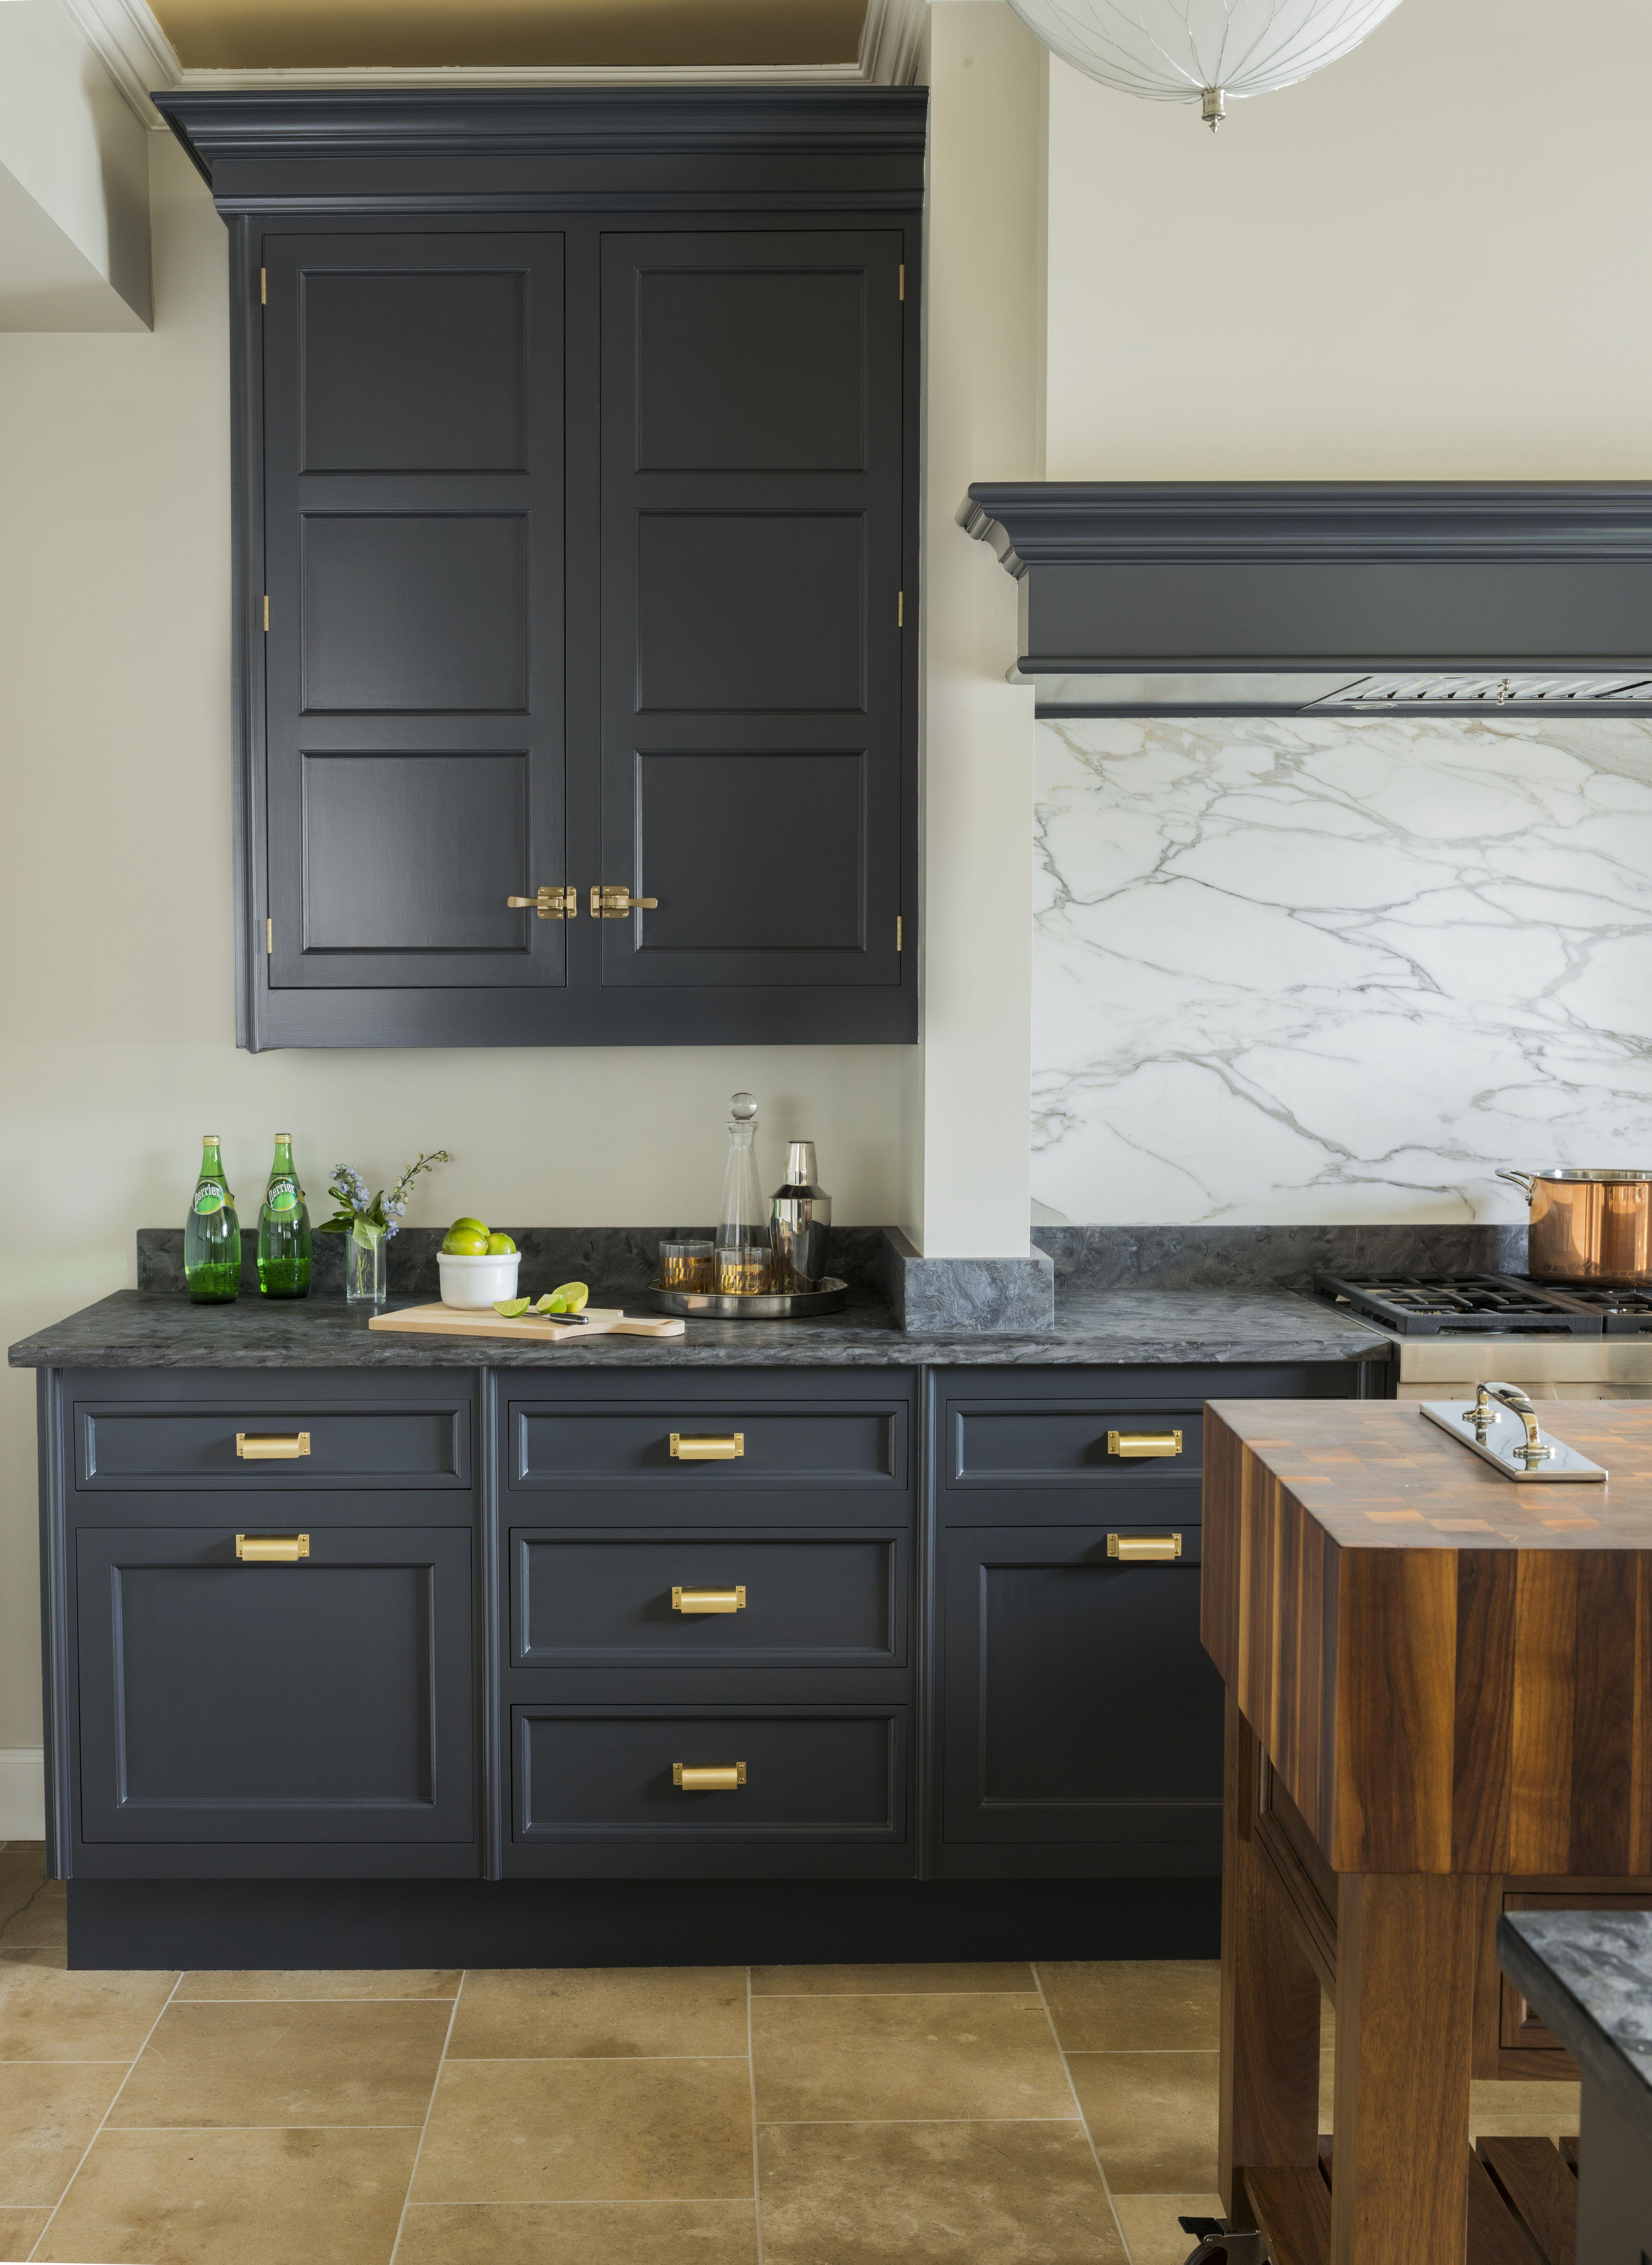 Dark Grey Kitchen Cabinetry Satin Brass Hardware Marble Backsplash Dark Grey Kitchen Grey Kitchen Designs Kitchen Design